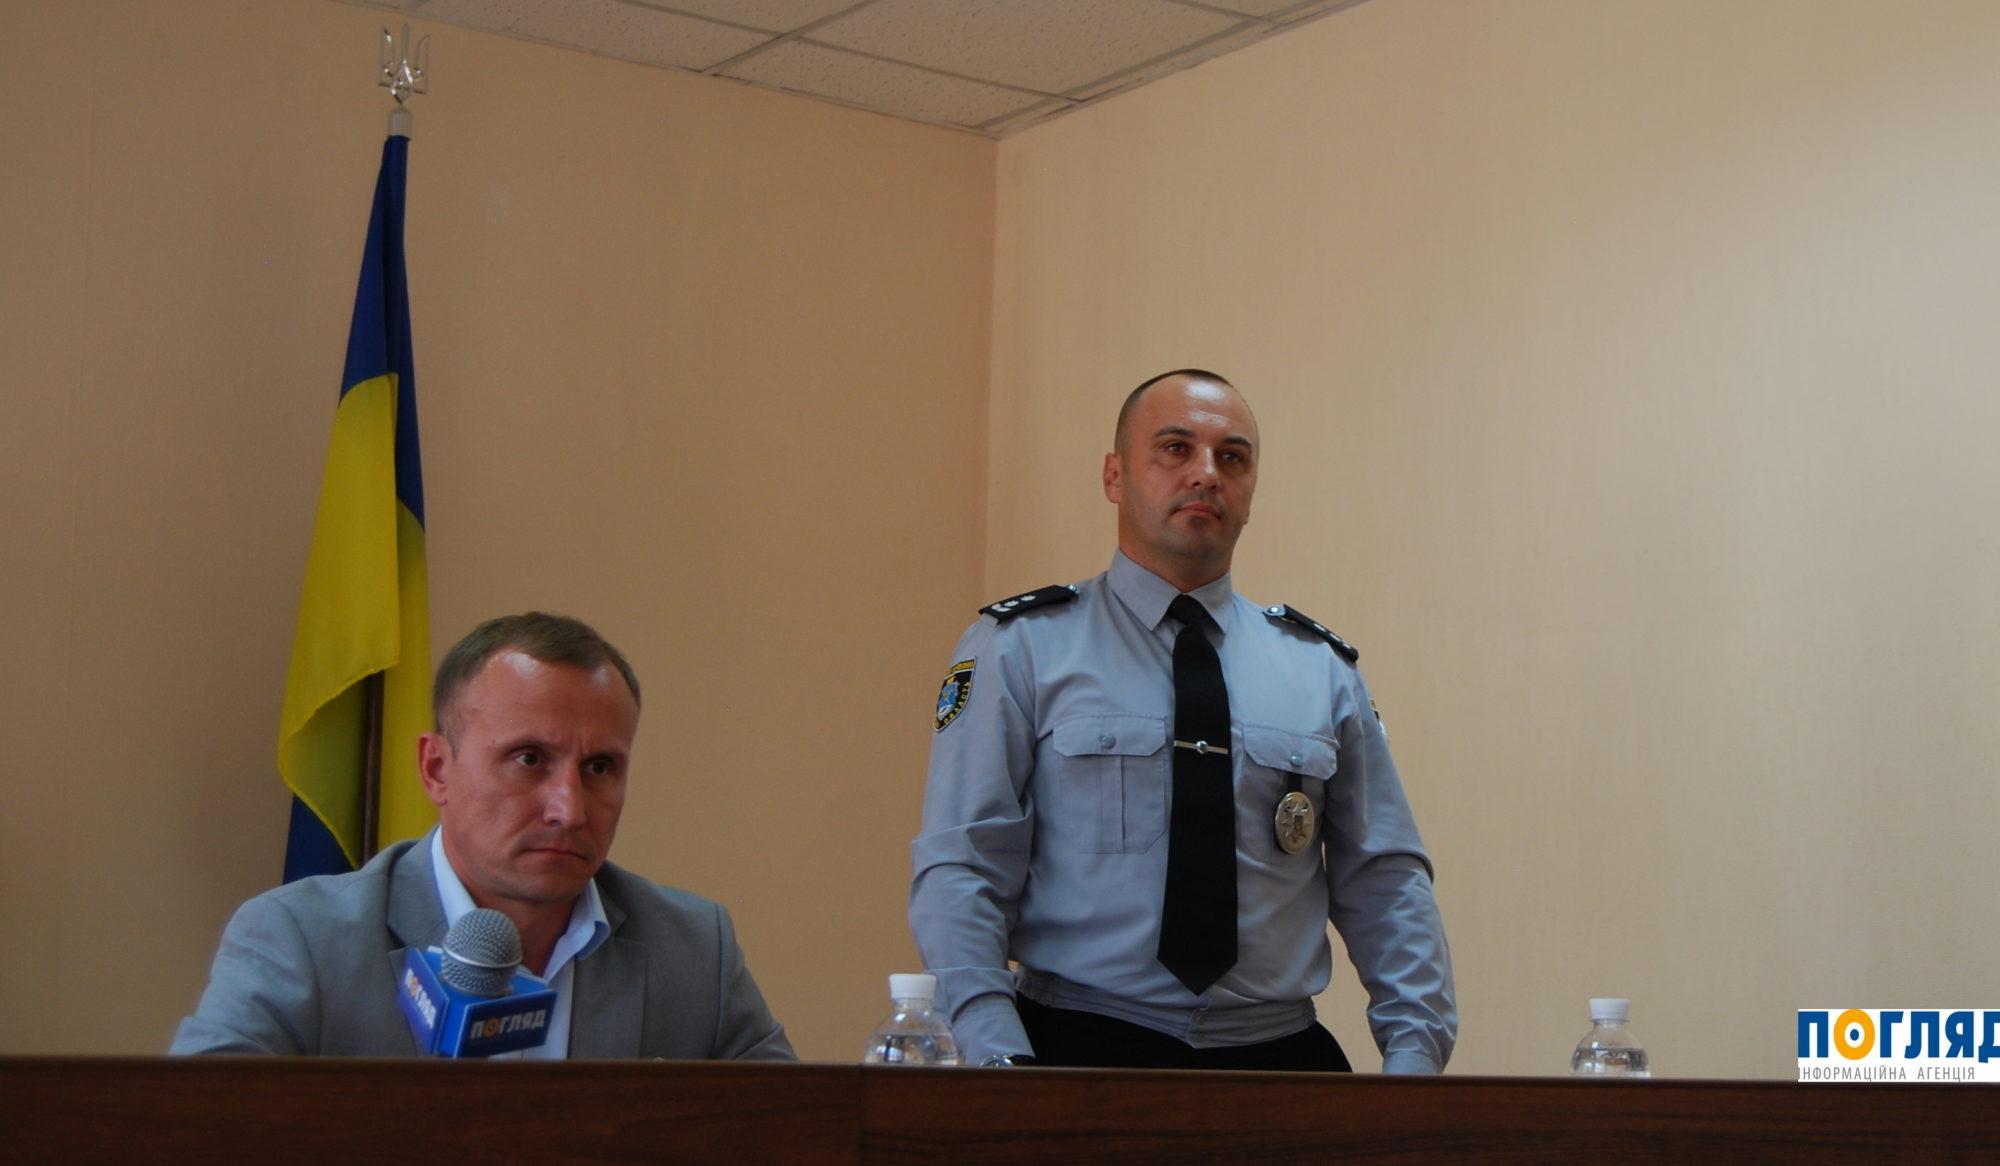 000DSC_2704-2000x1166 У Василькові офіційно представили нового керівника поліції